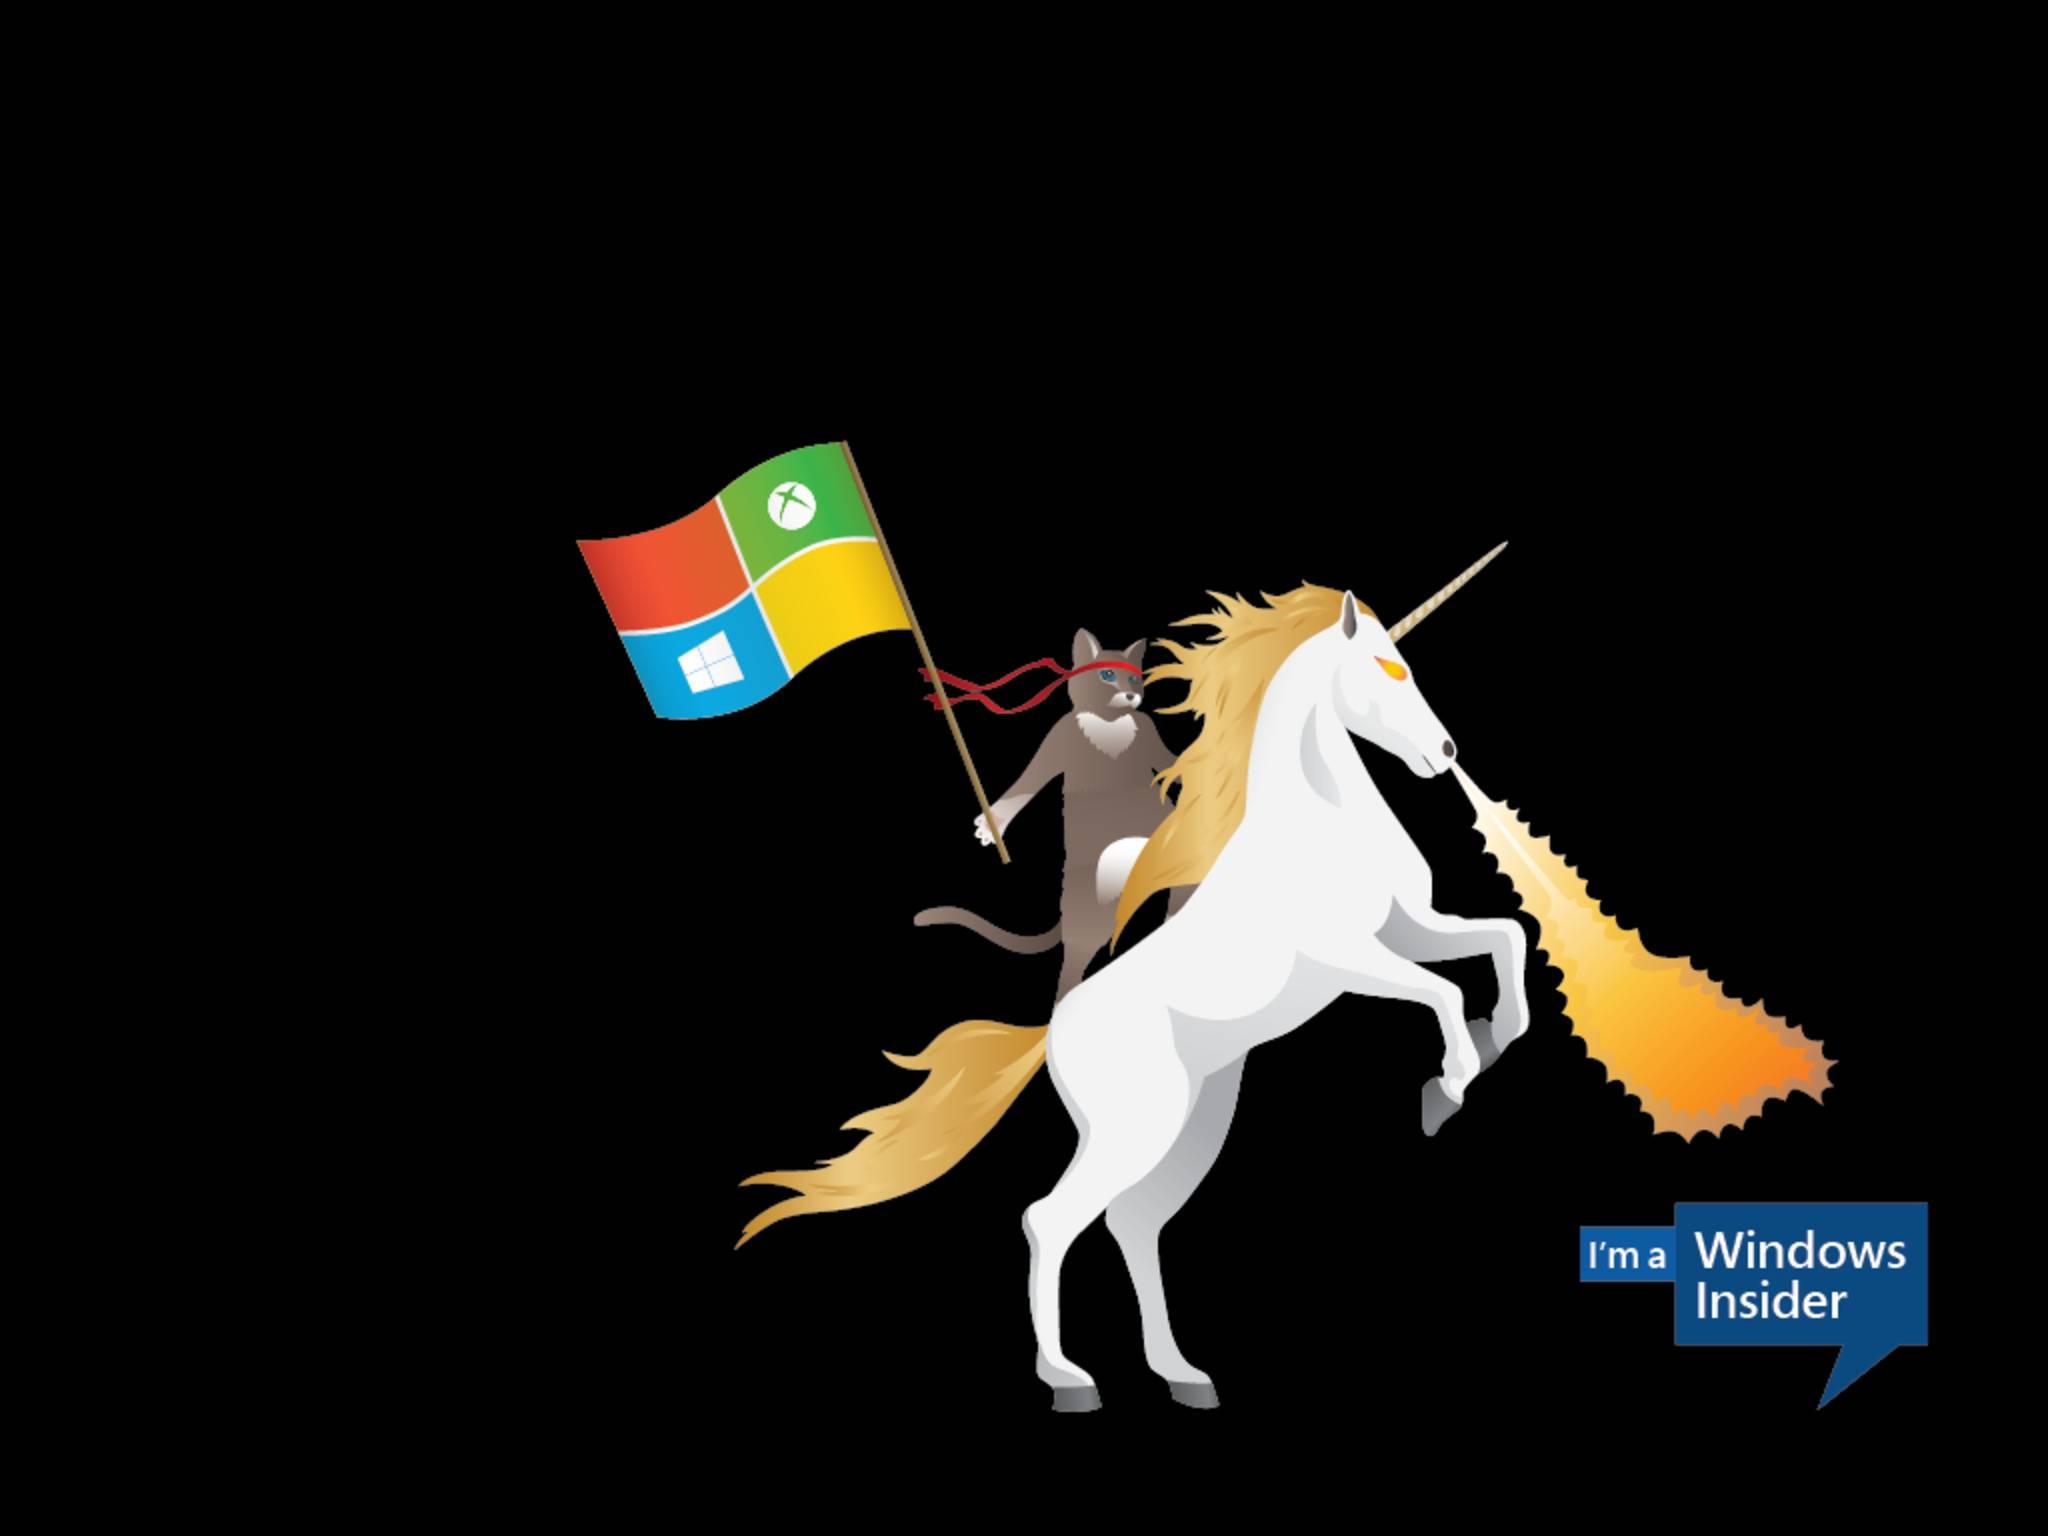 PC-Besitzer können nun auch ohne Installation in Windows 10 reinschnuppern.